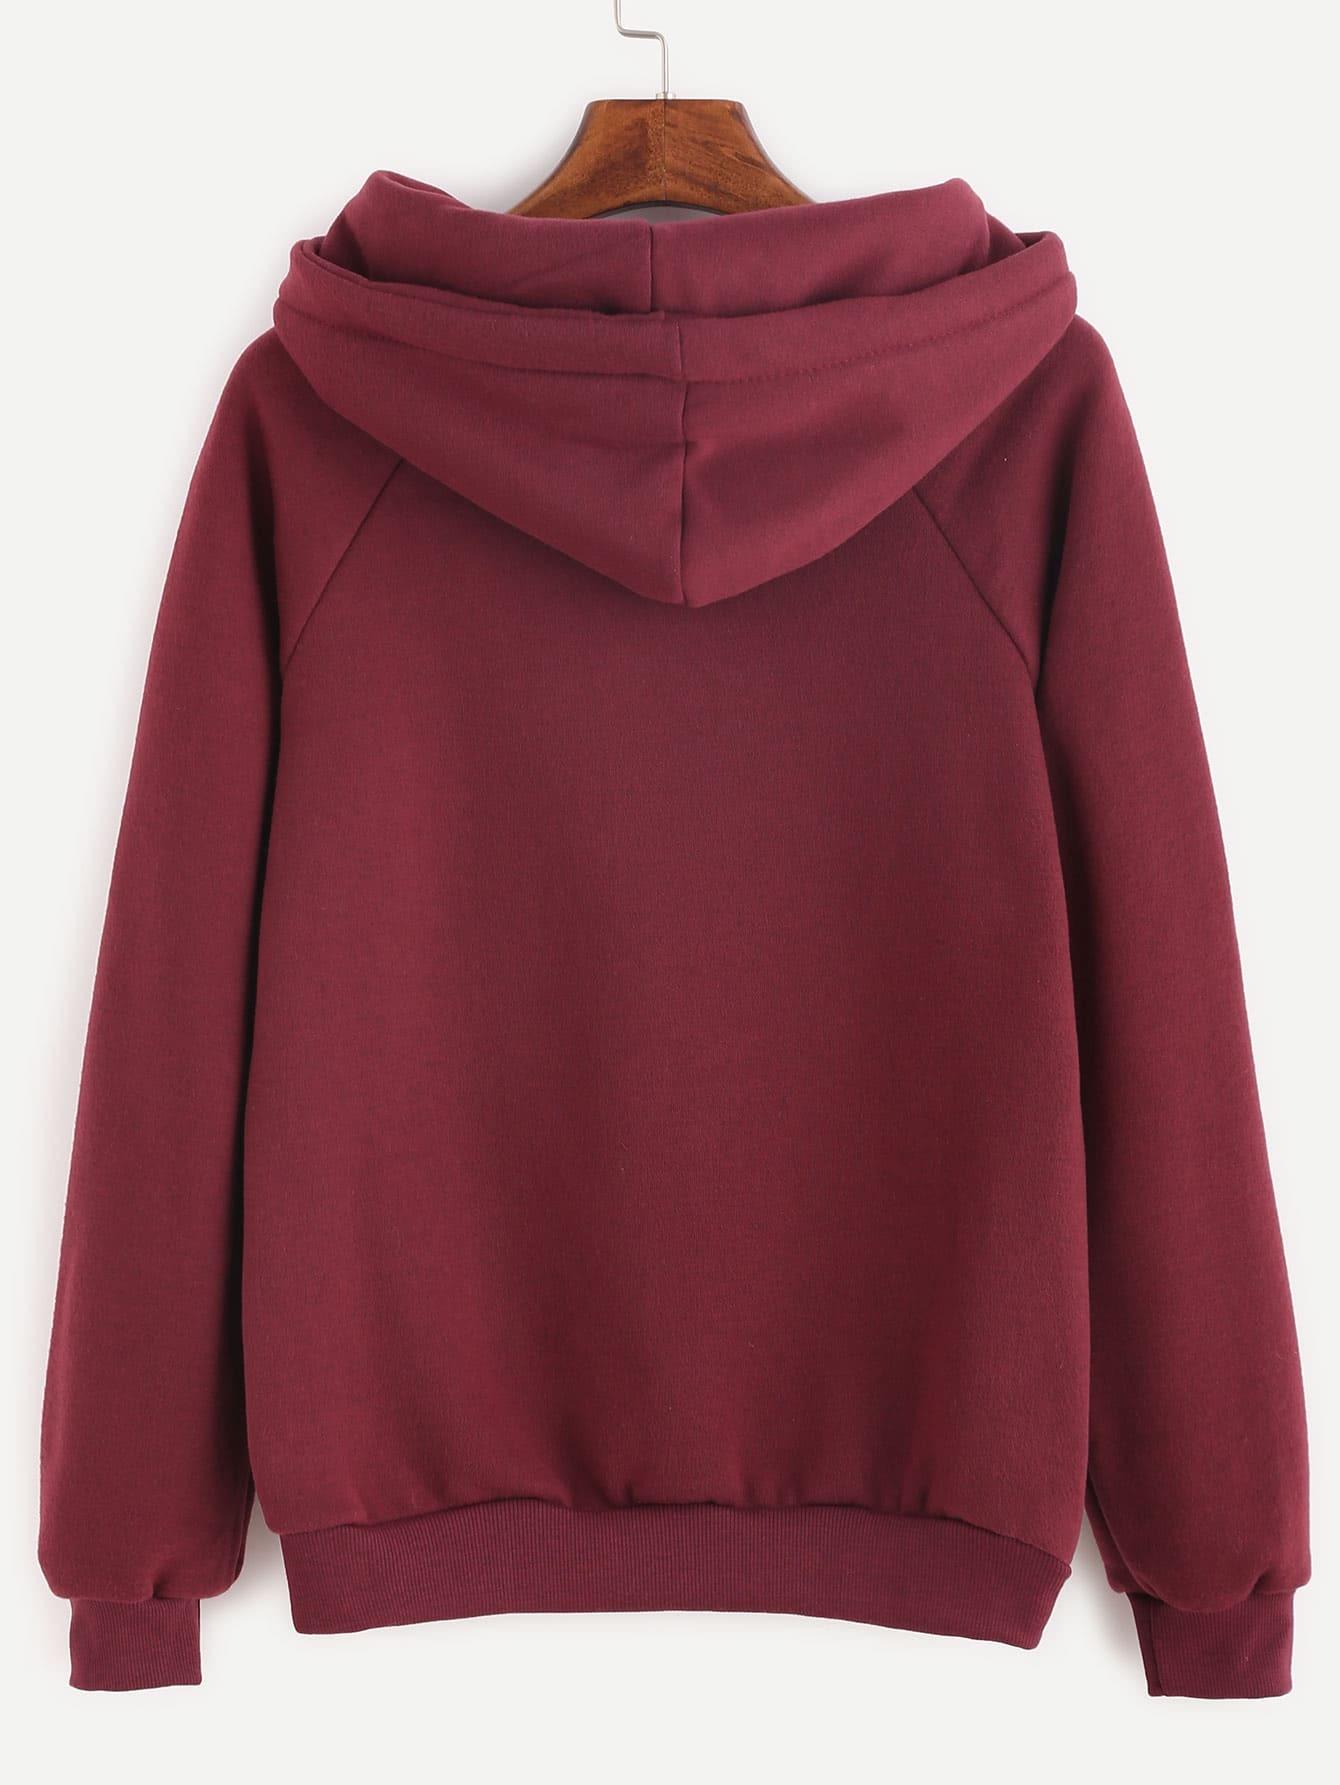 sweatshirt160921006_2